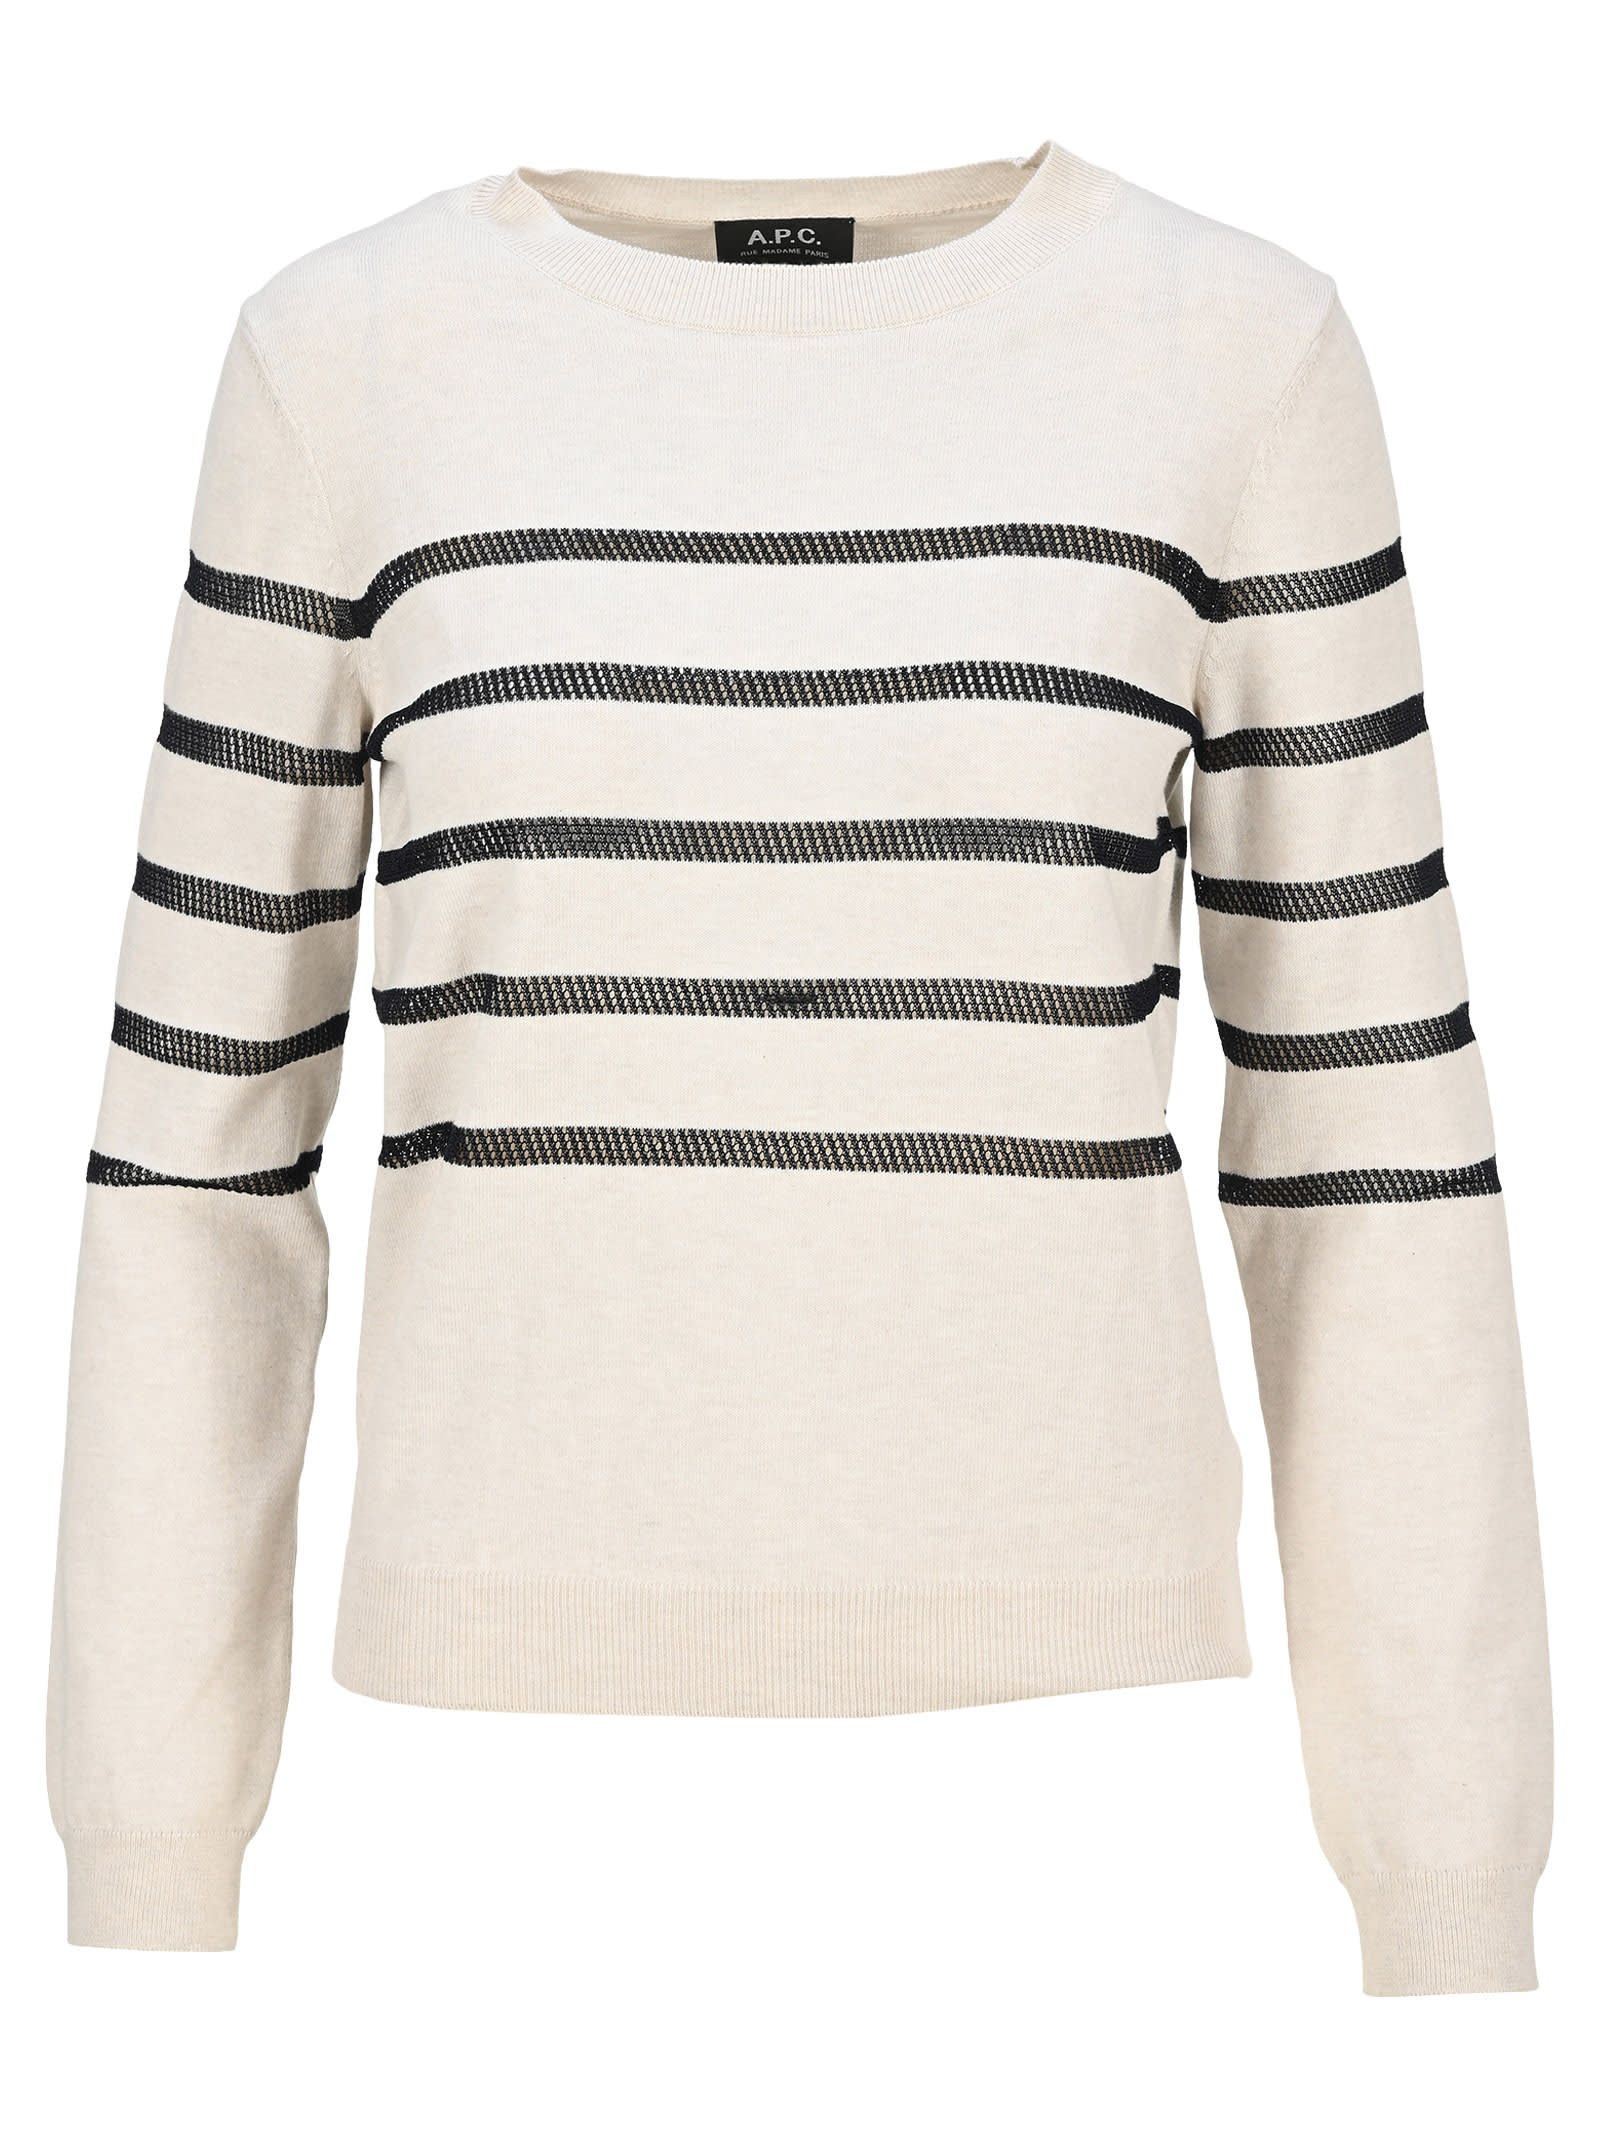 A.p.c. Sweaters A.P.C. CORDELIA JUMPER